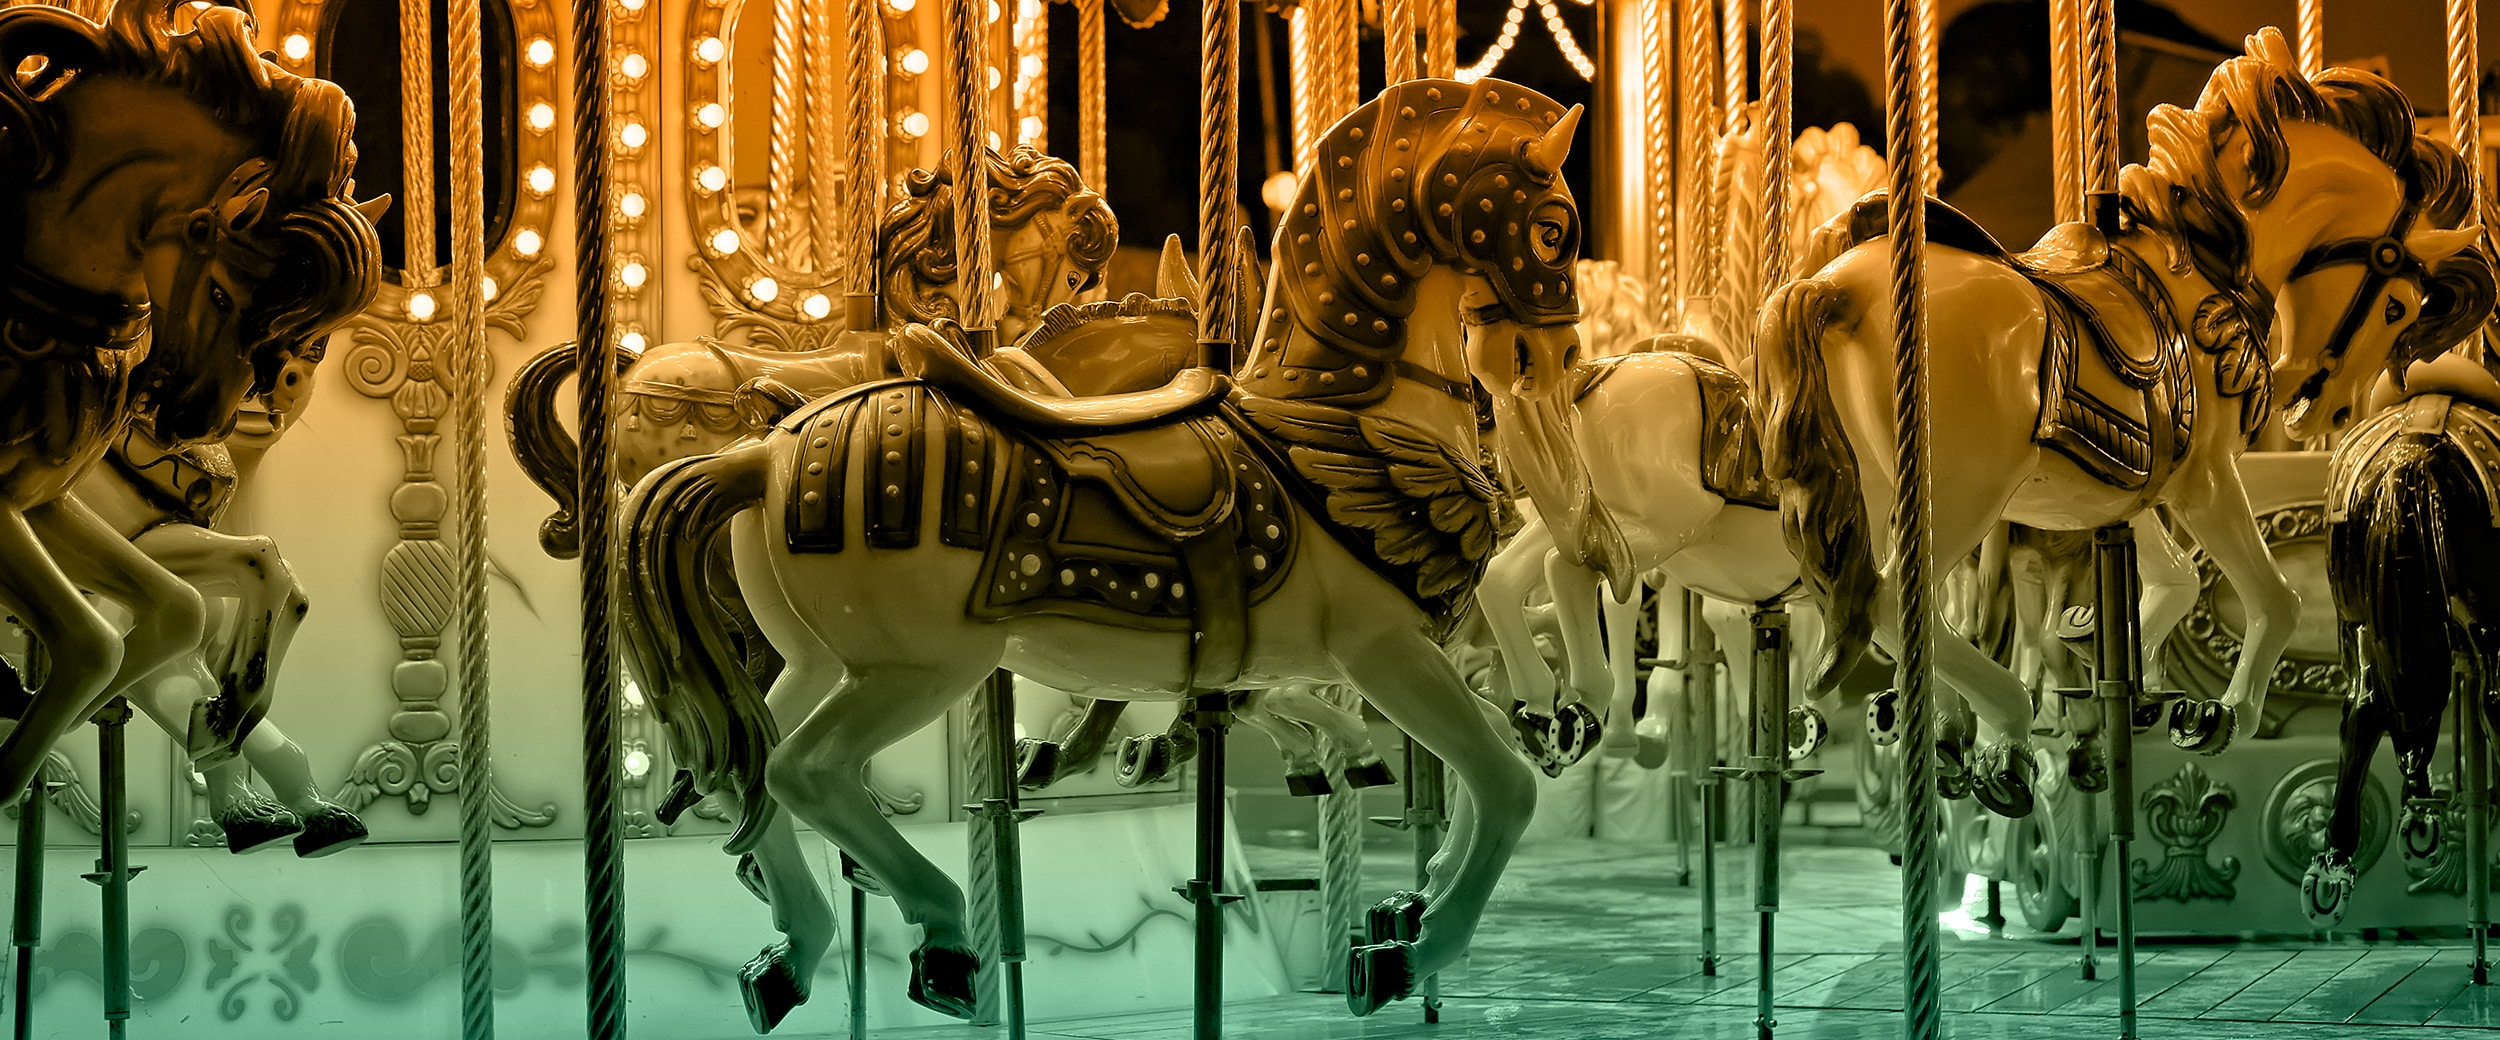 Aufnahme eines Karussel-Pferdchens